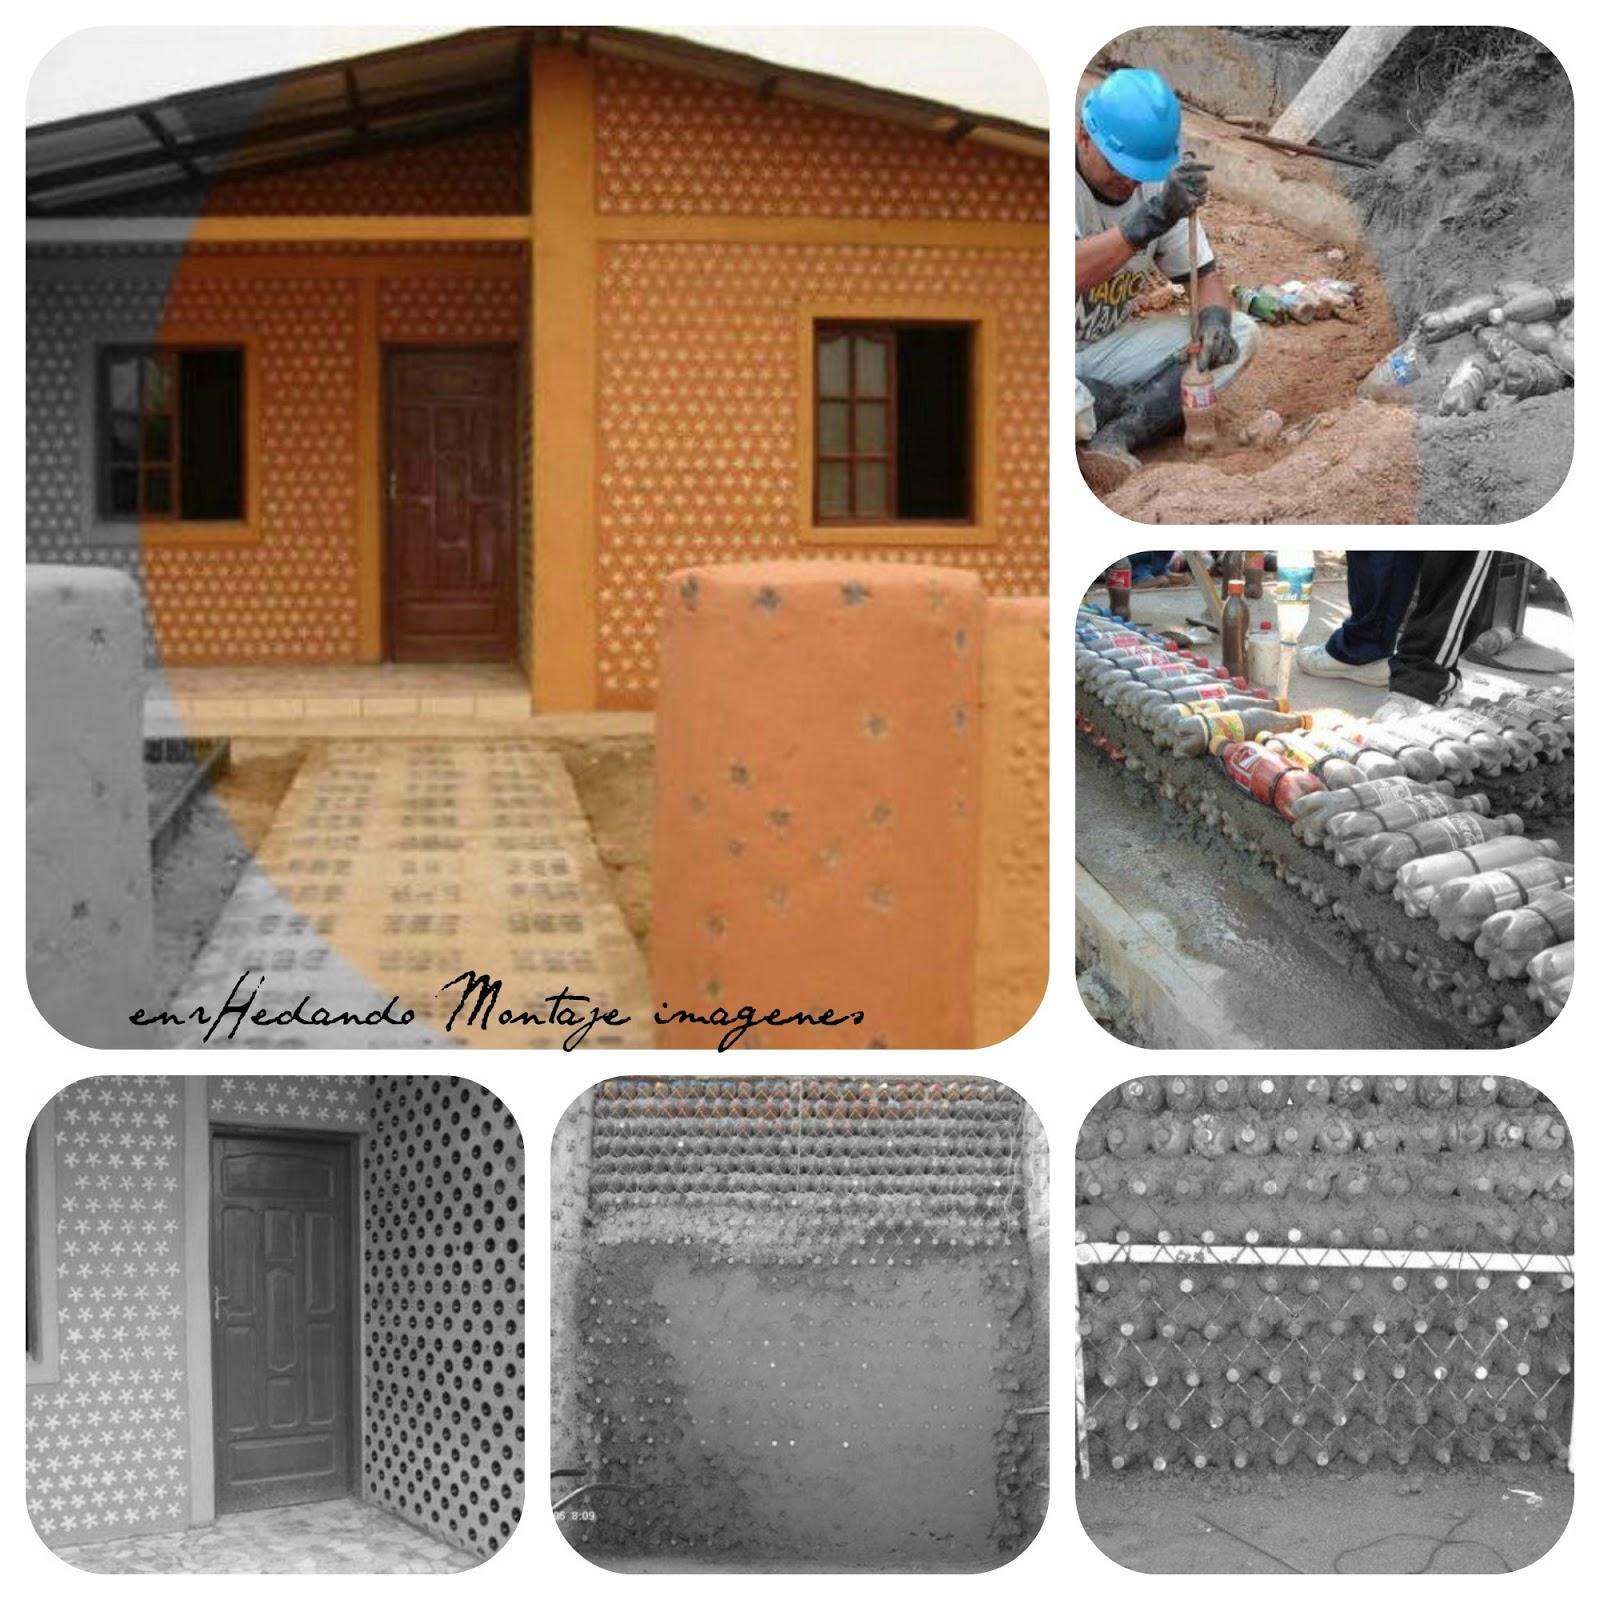 Enrhedando manualidades for Hacer casas